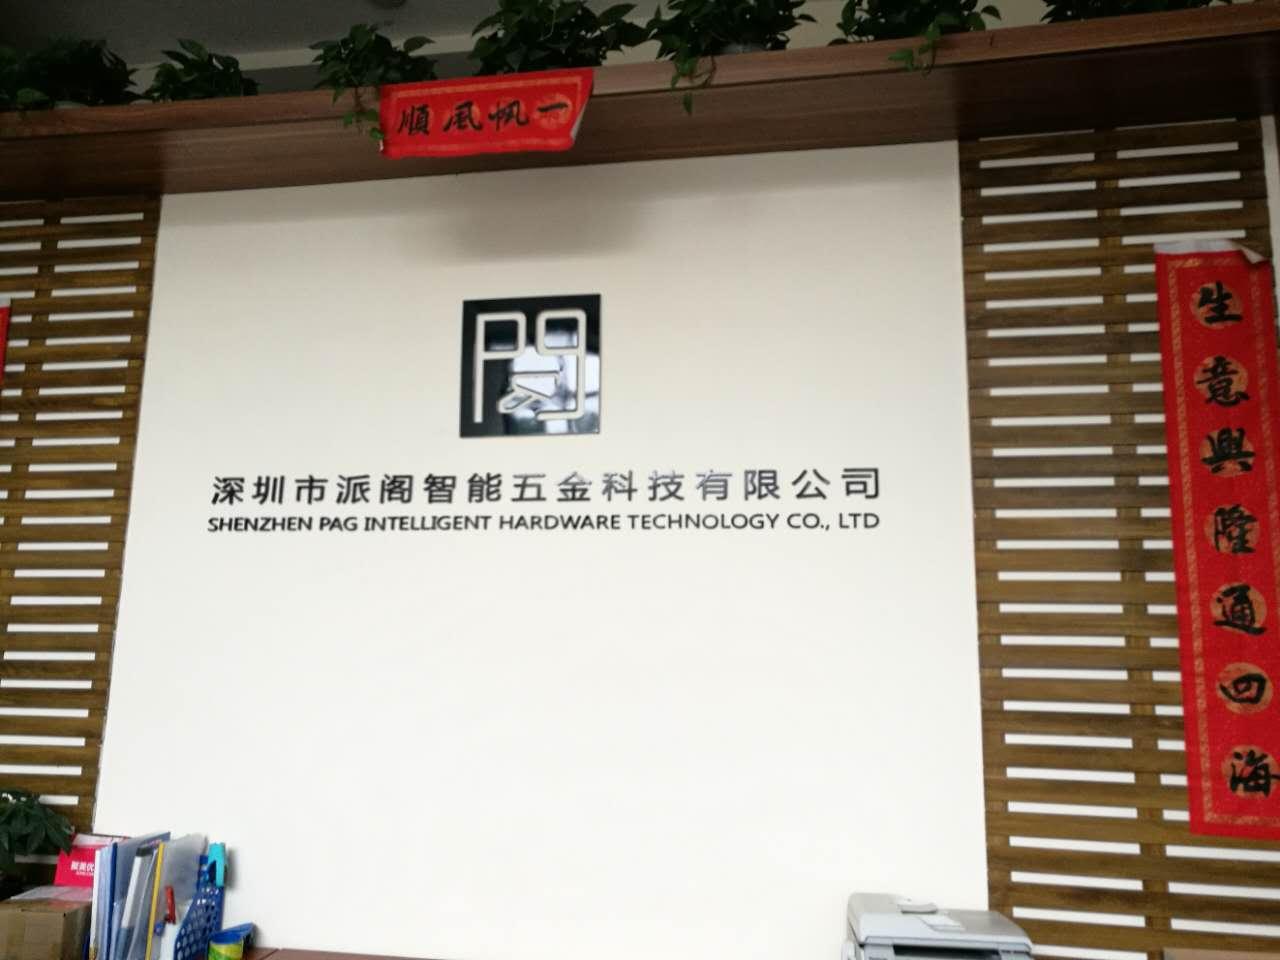 深圳画册设计派阁智能五金